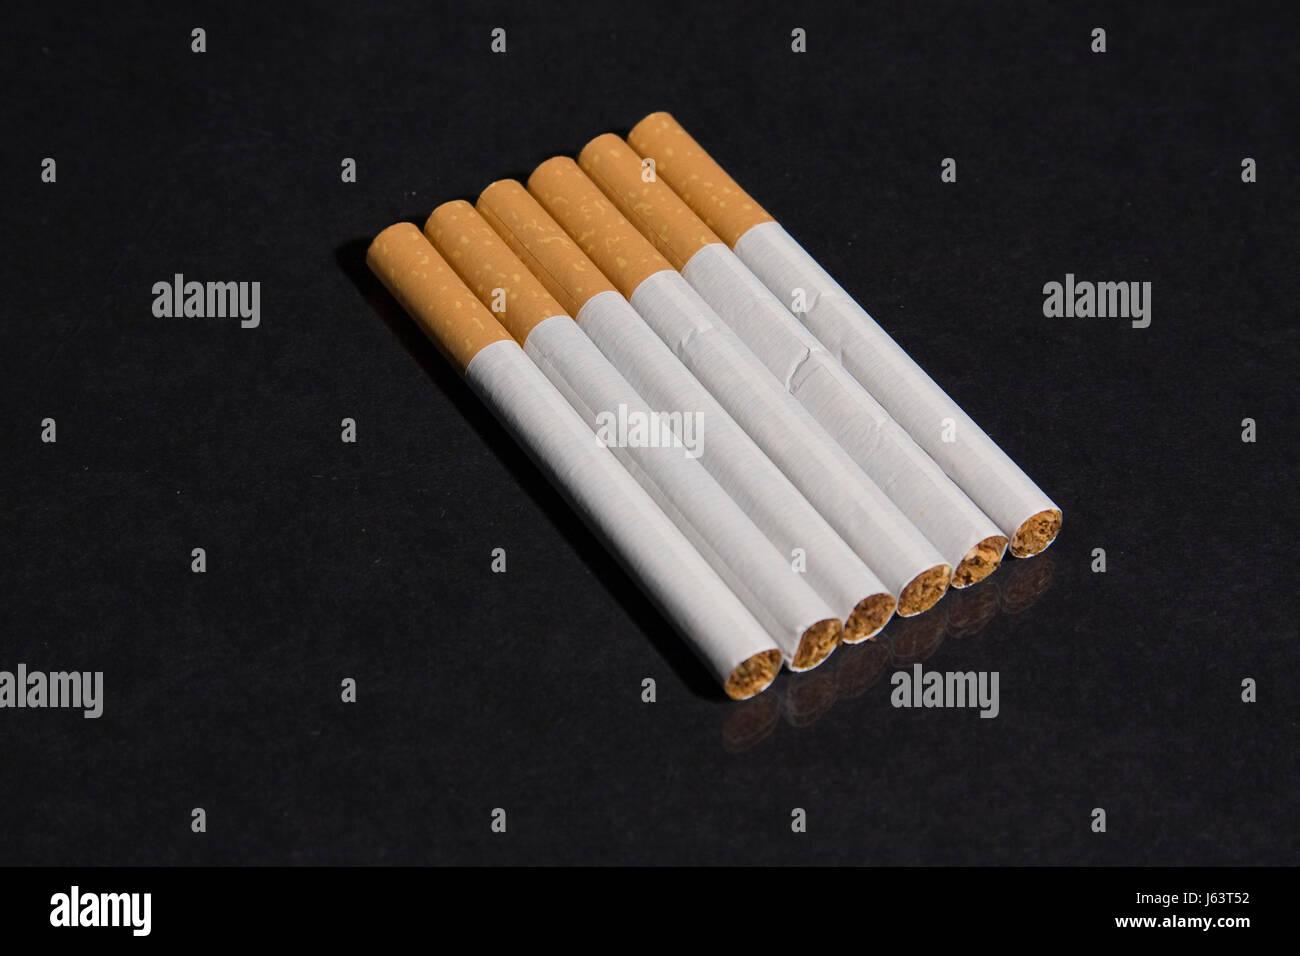 cigarette health smoker whiff smoke smoking smoke smoking smokes fume cigarette Stock Photo